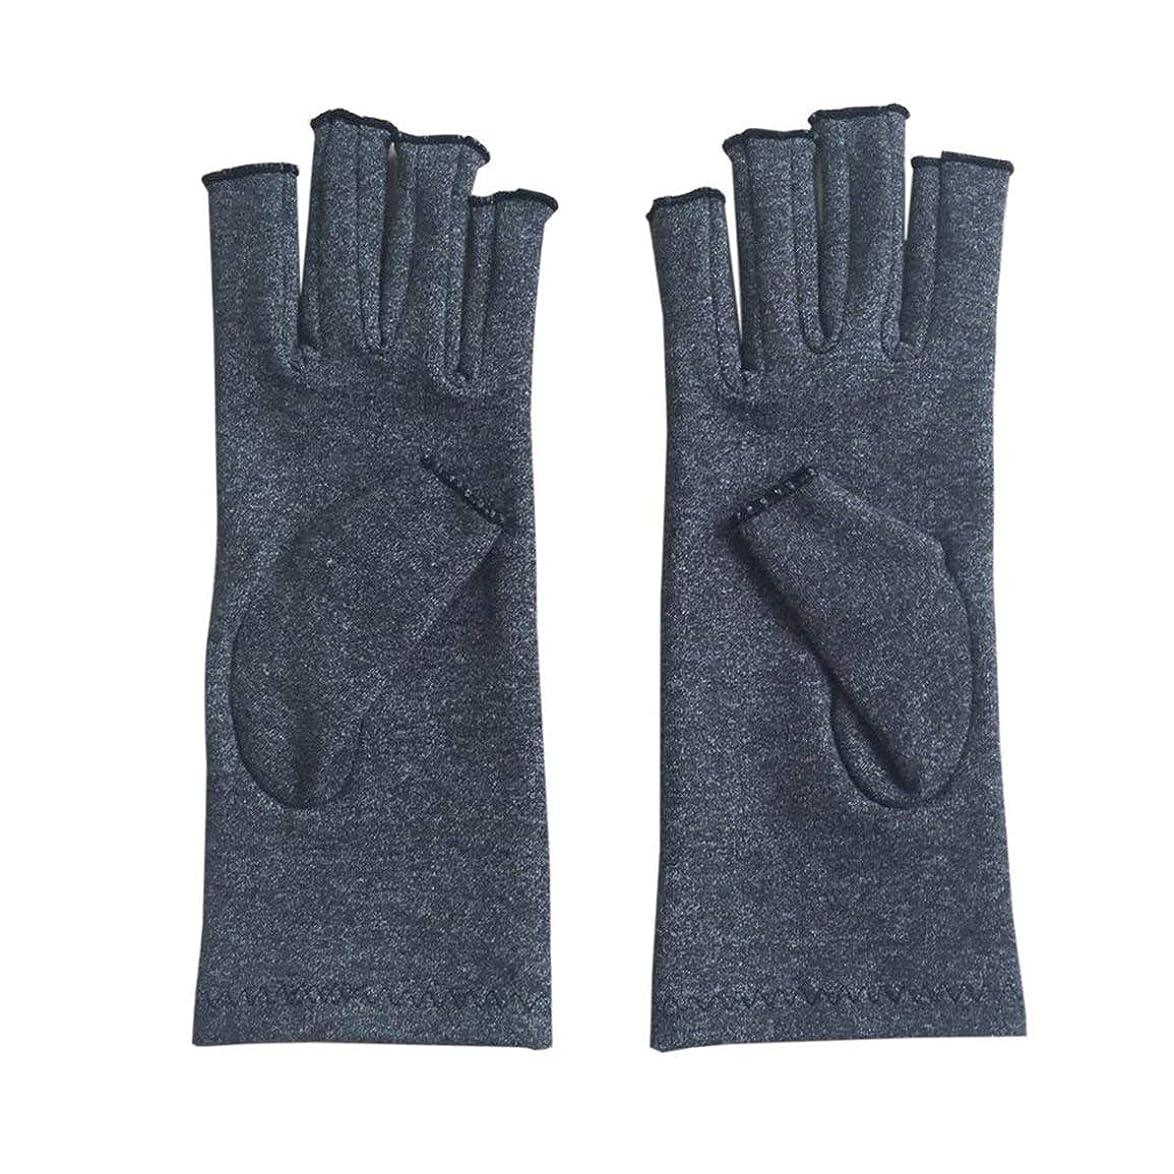 ダイヤモンド共同選択株式会社ペア/セット快適な男性女性療法圧縮手袋無地通気性関節炎関節痛緩和手袋 - グレーM